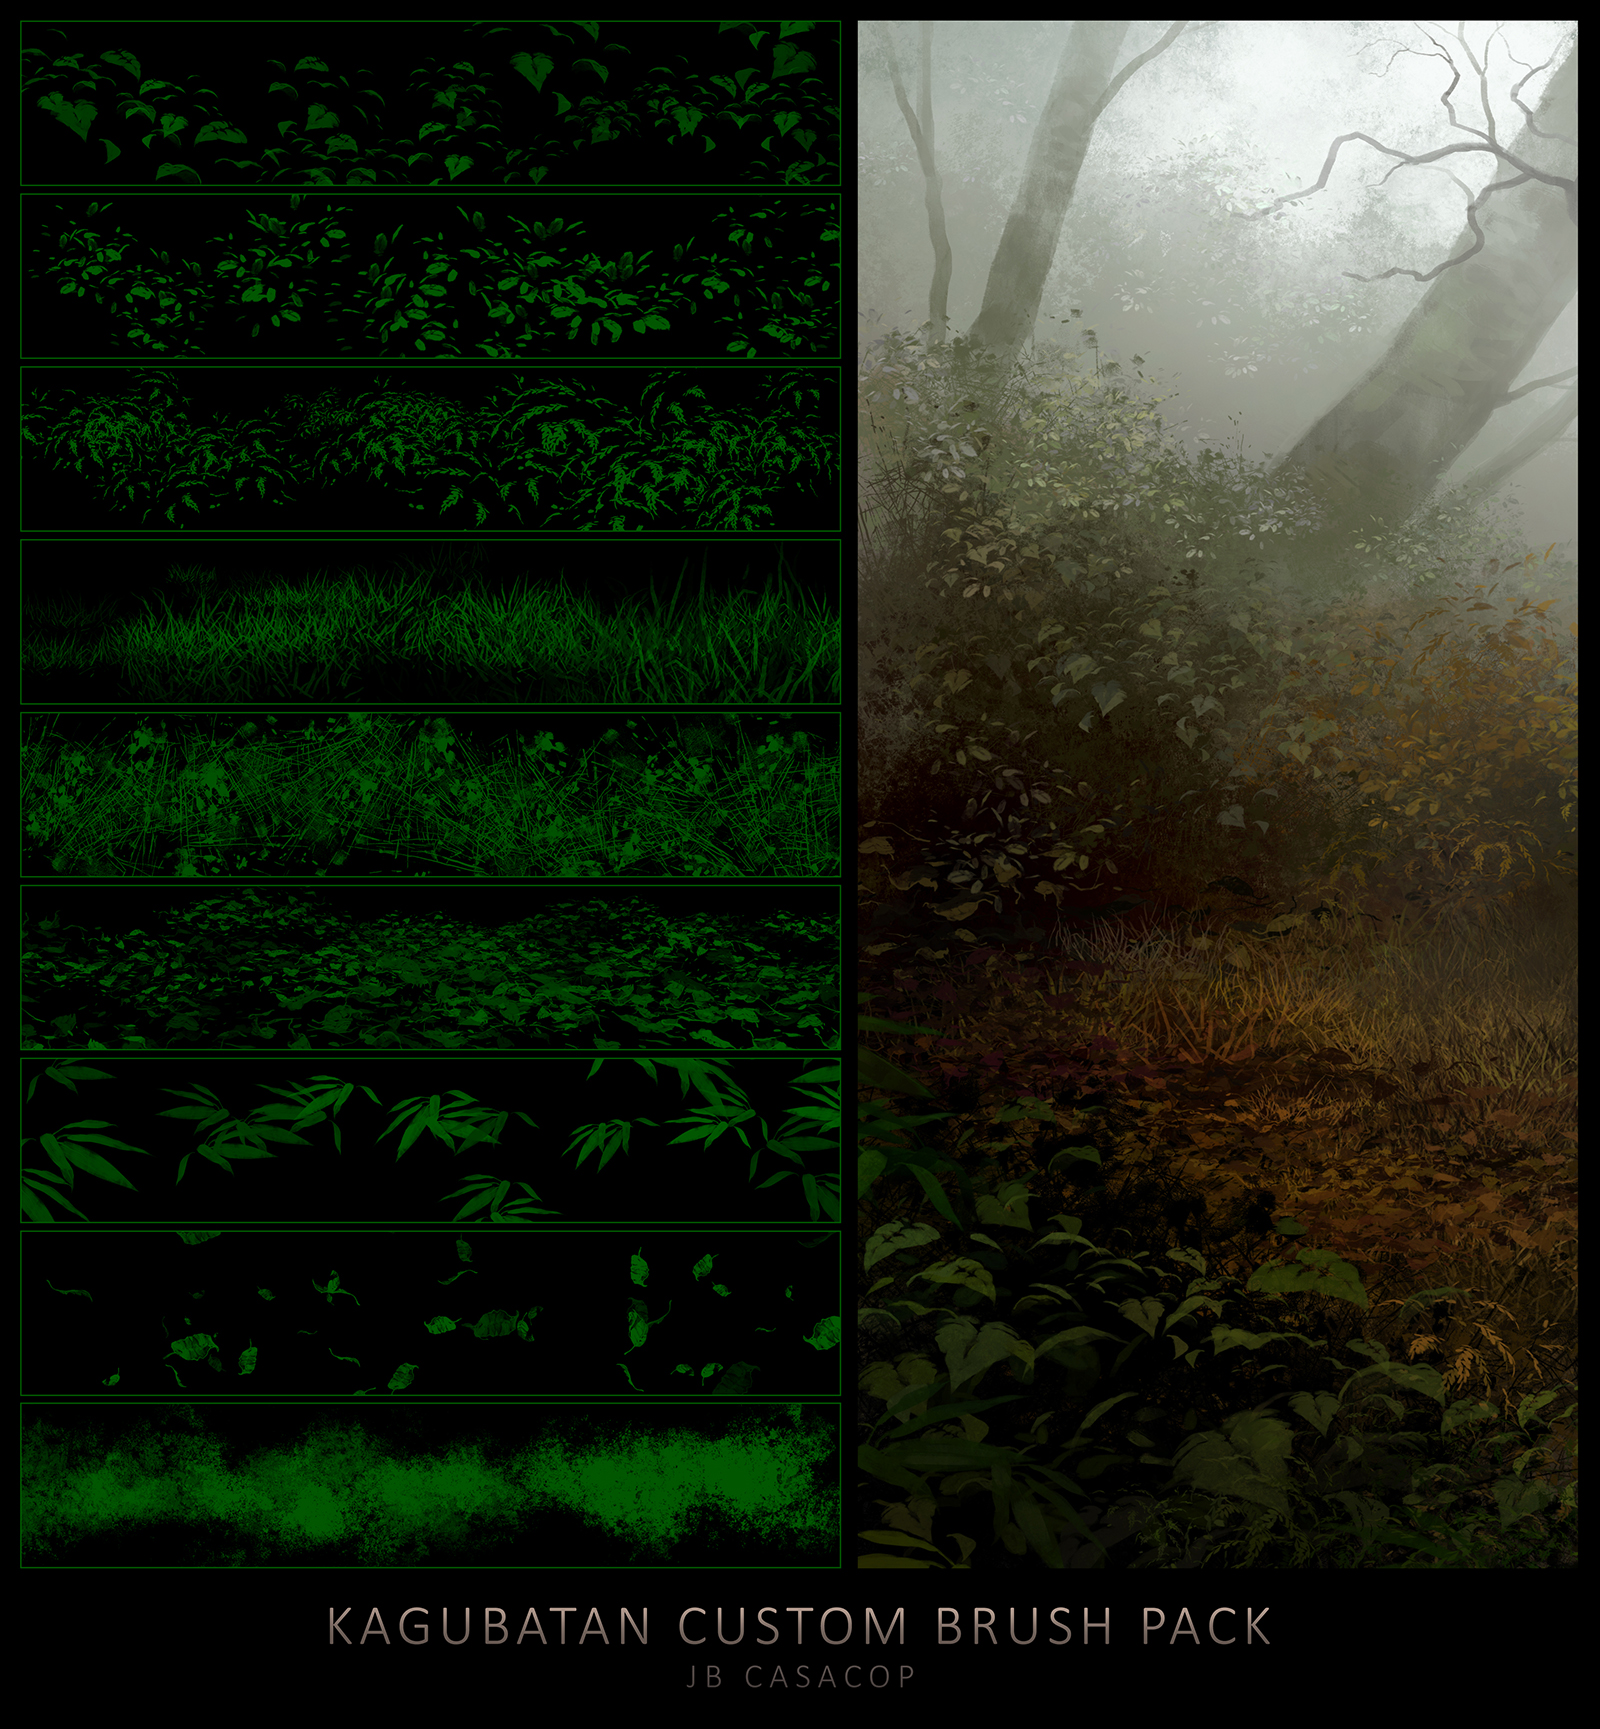 Kagubatan Custom Brush Pack by jbcasacop